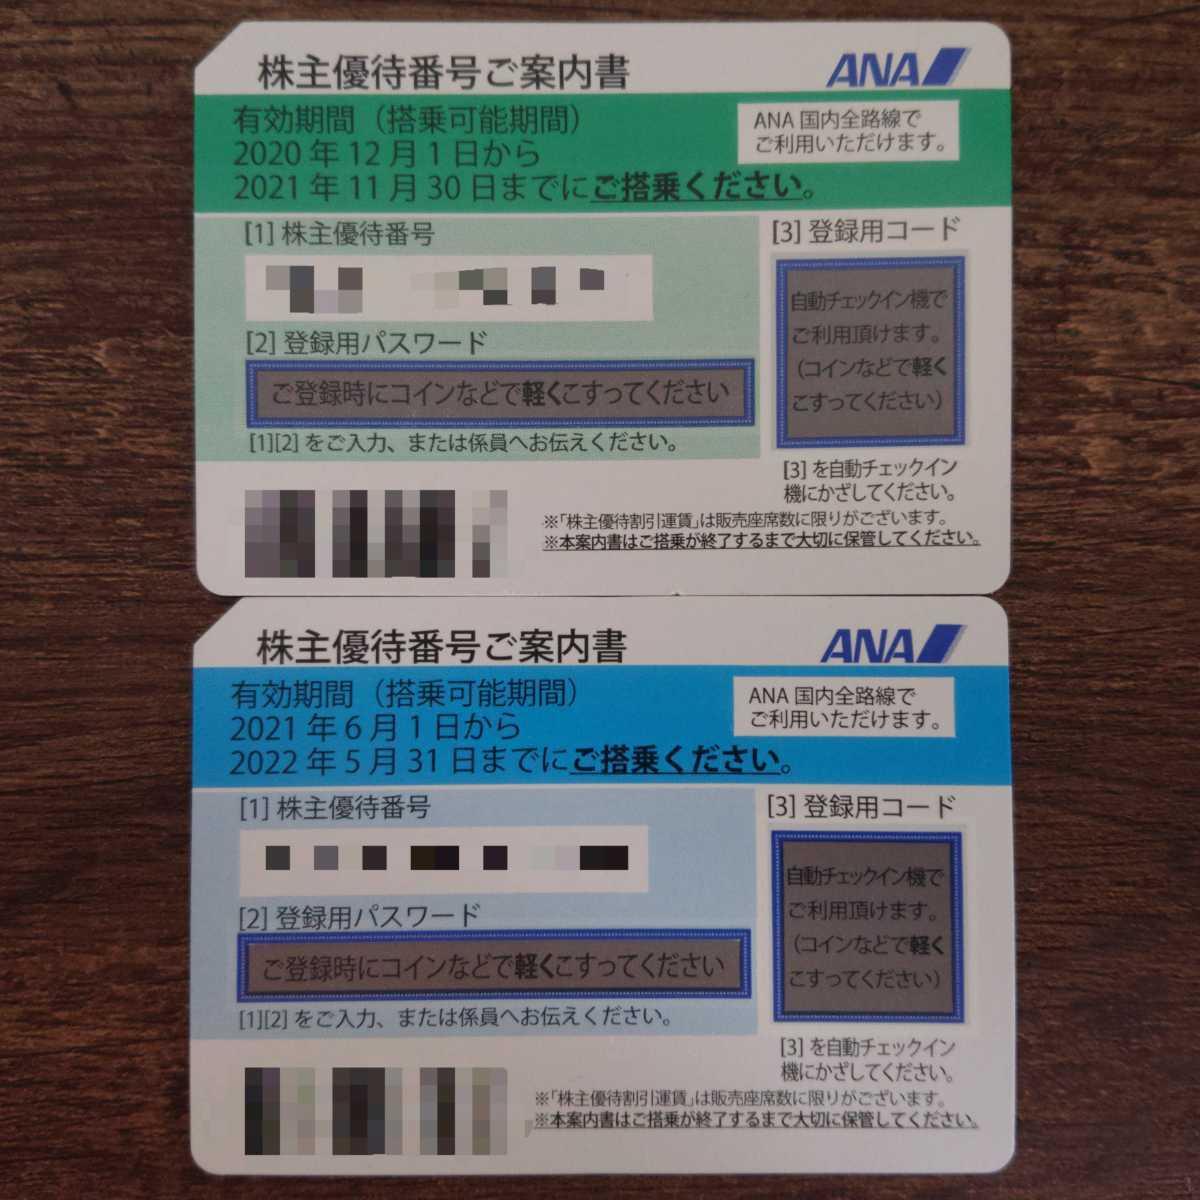 ANA 全日空 株主優待券 2枚 2022年5月31日まで延長 番号通知_画像1